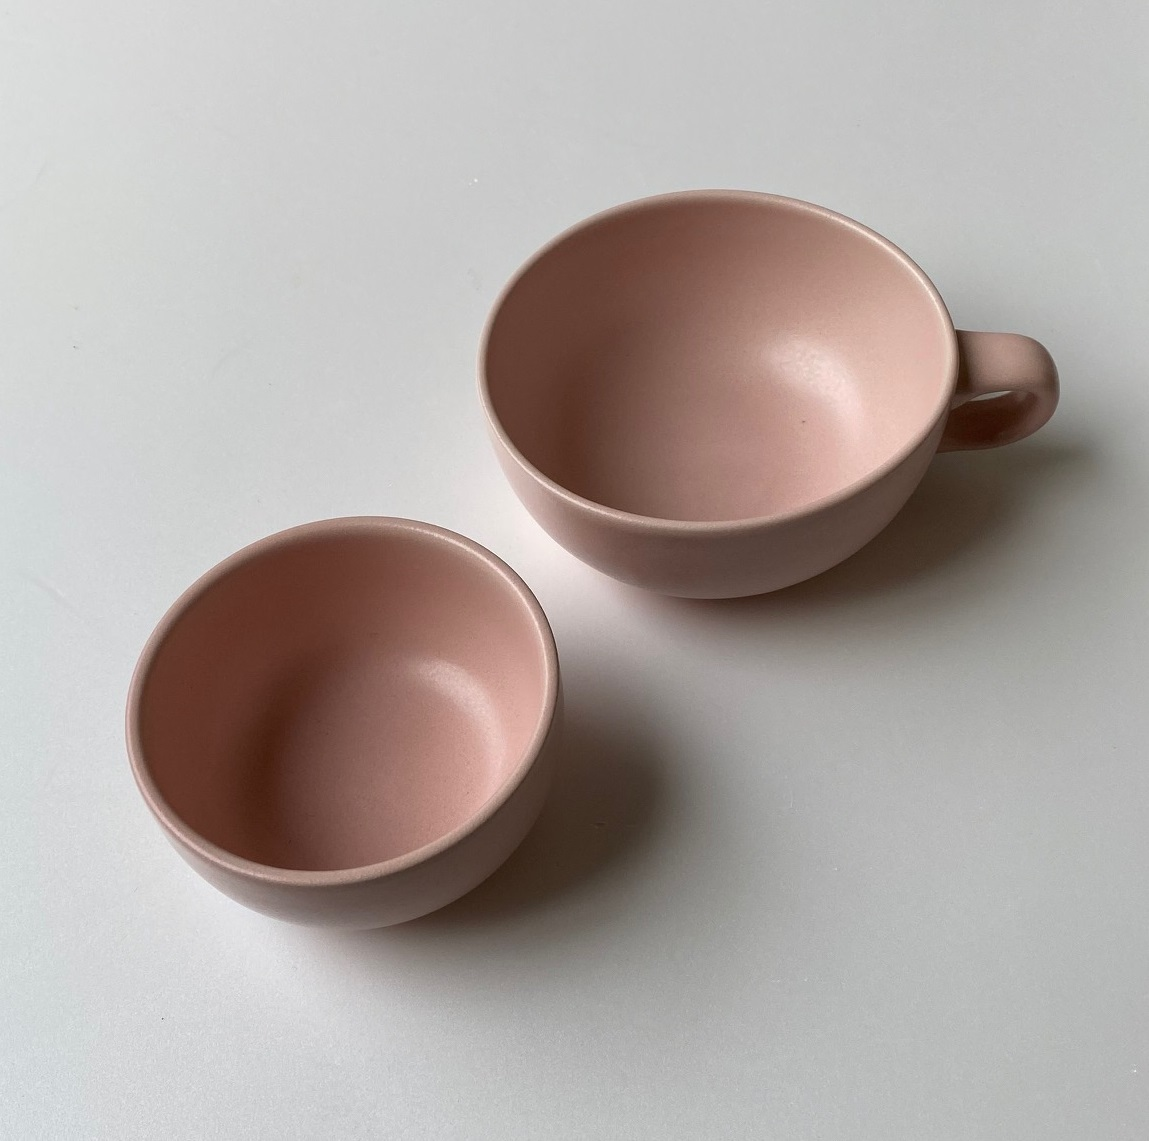 スープカップ&ボールセット PALOURDE